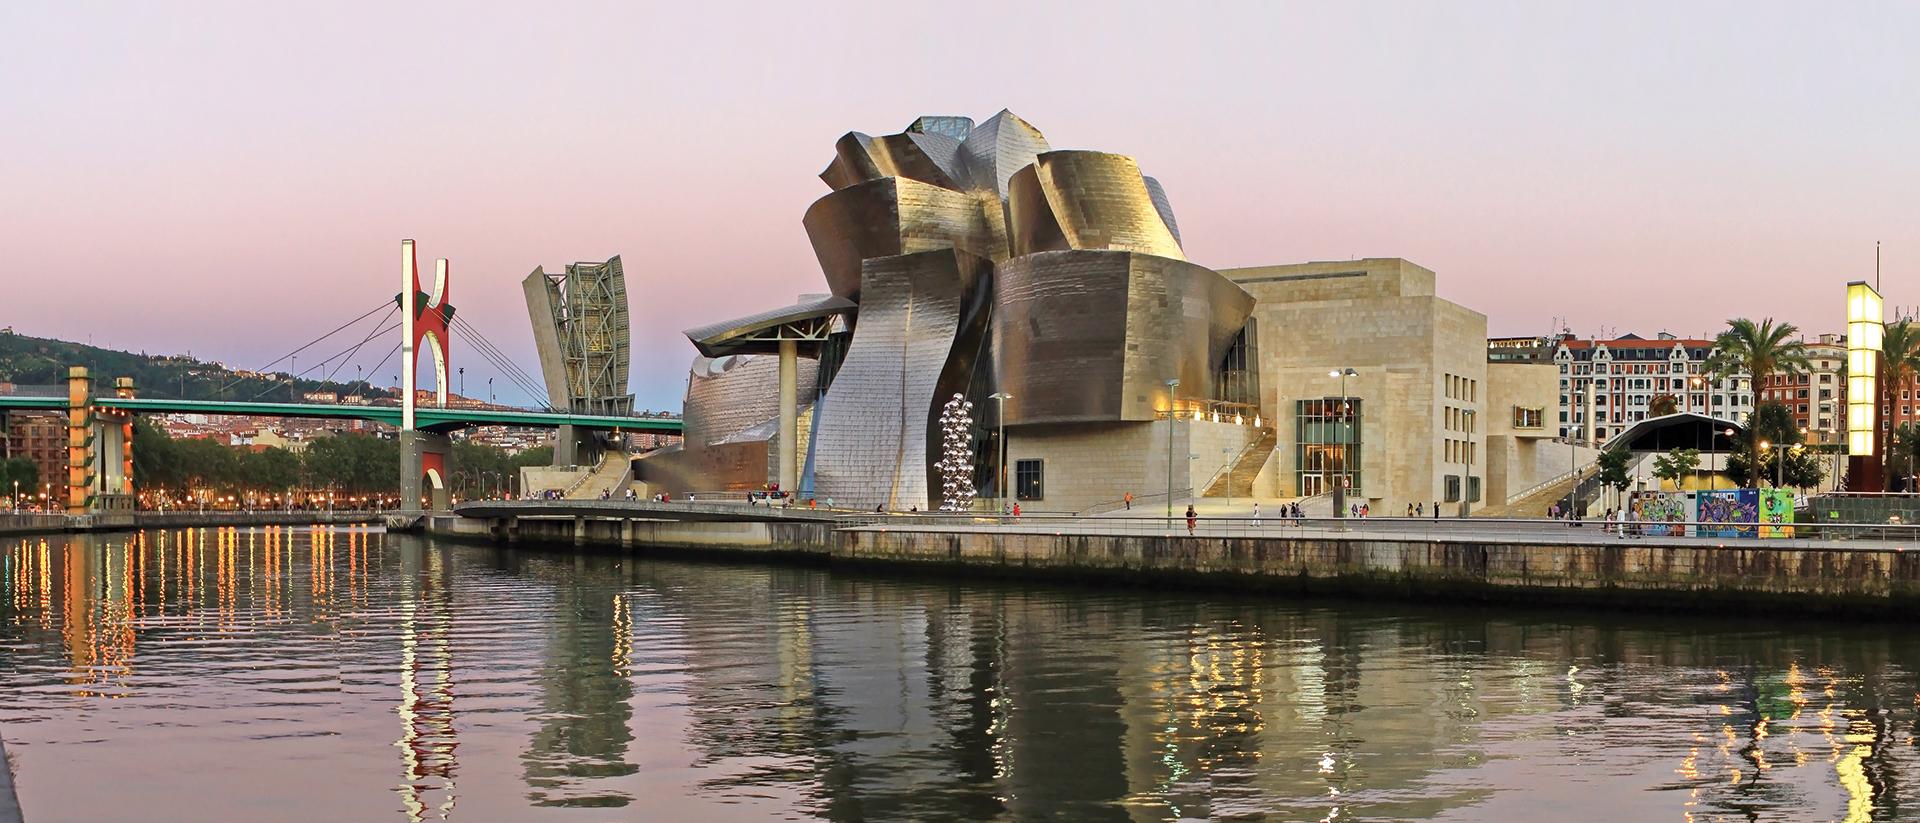 Permasteelisa Guggenheim Museum